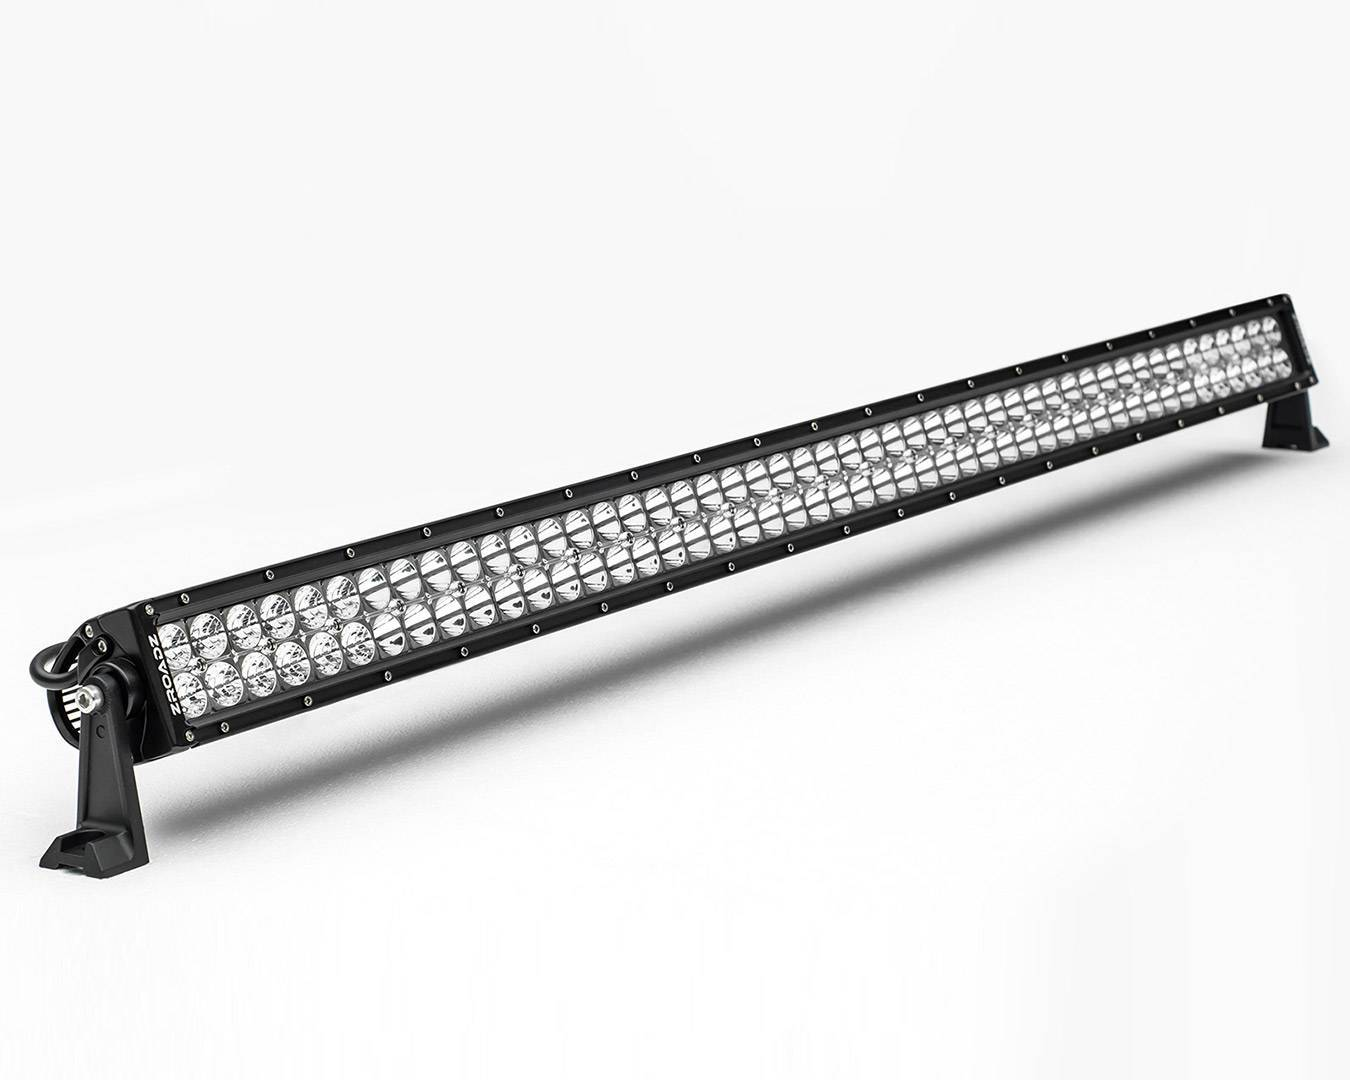 ZROADZ - 50 Inch LED Straight Double Row Light Bar - PN #Z30BC14W288